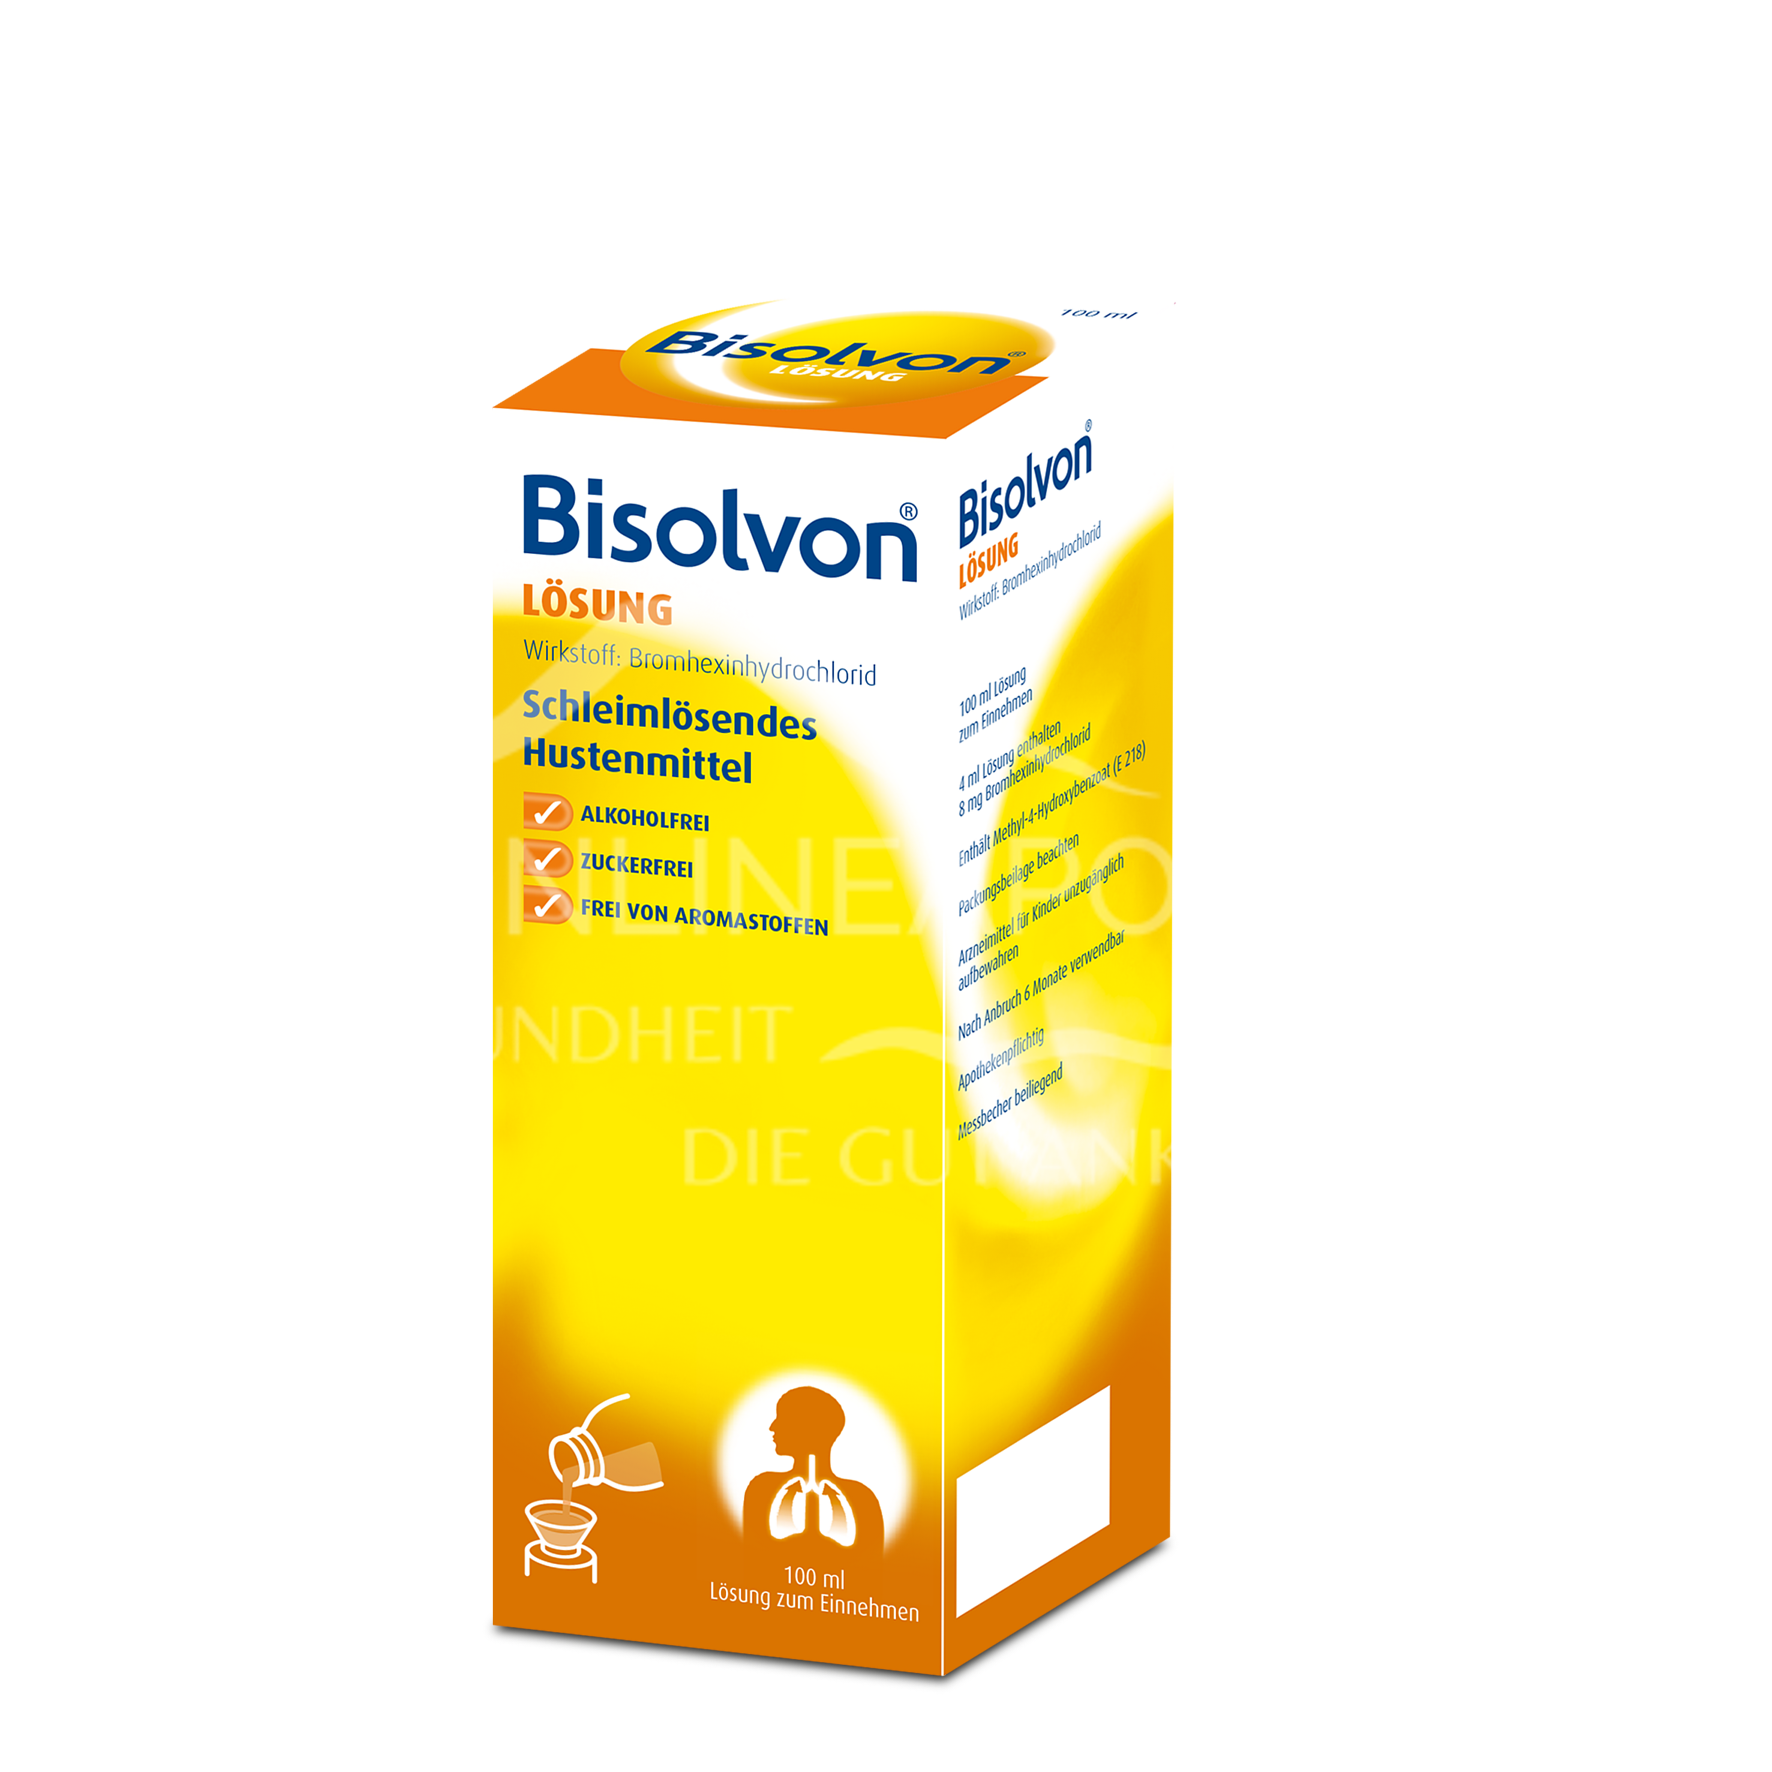 Bisolvon® Lösung